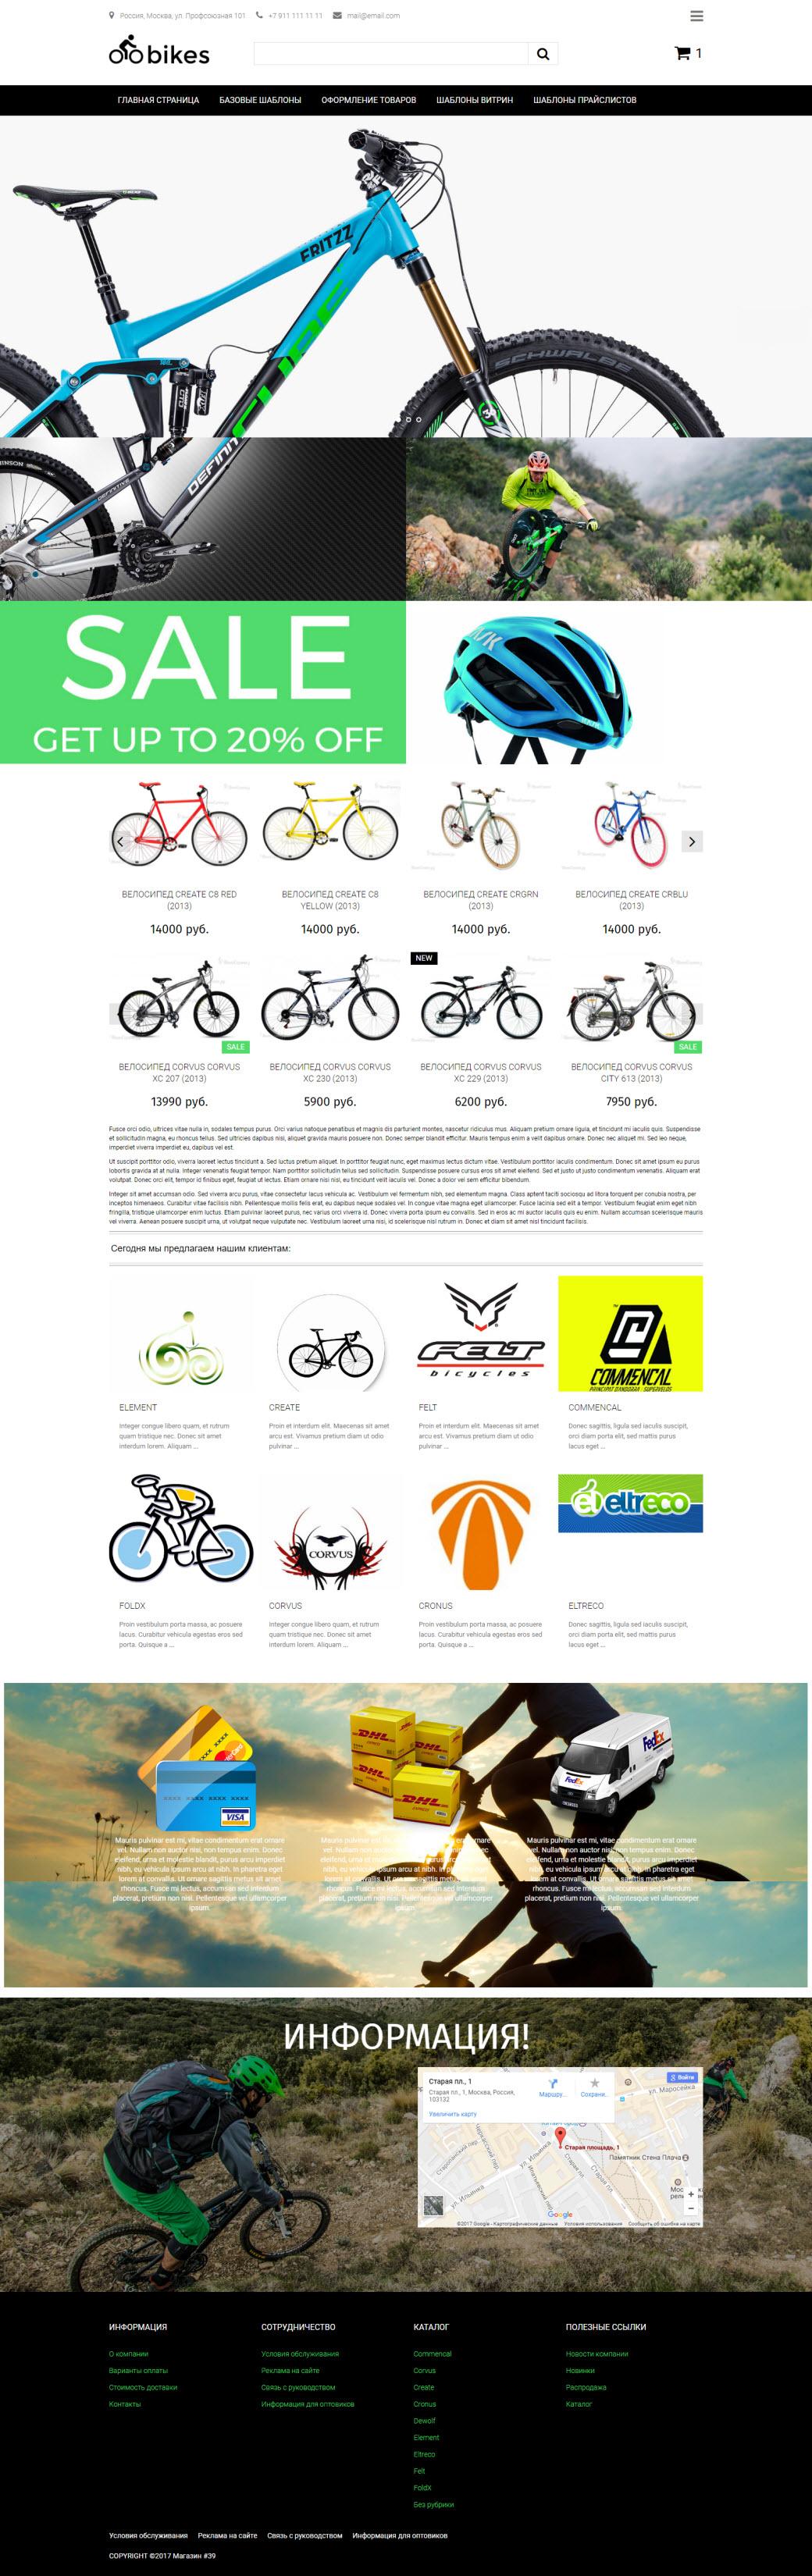 Адаптивная тема WP Shop #39: Велосипеды, авто- мото- товары, спорт-товары, аксессуары